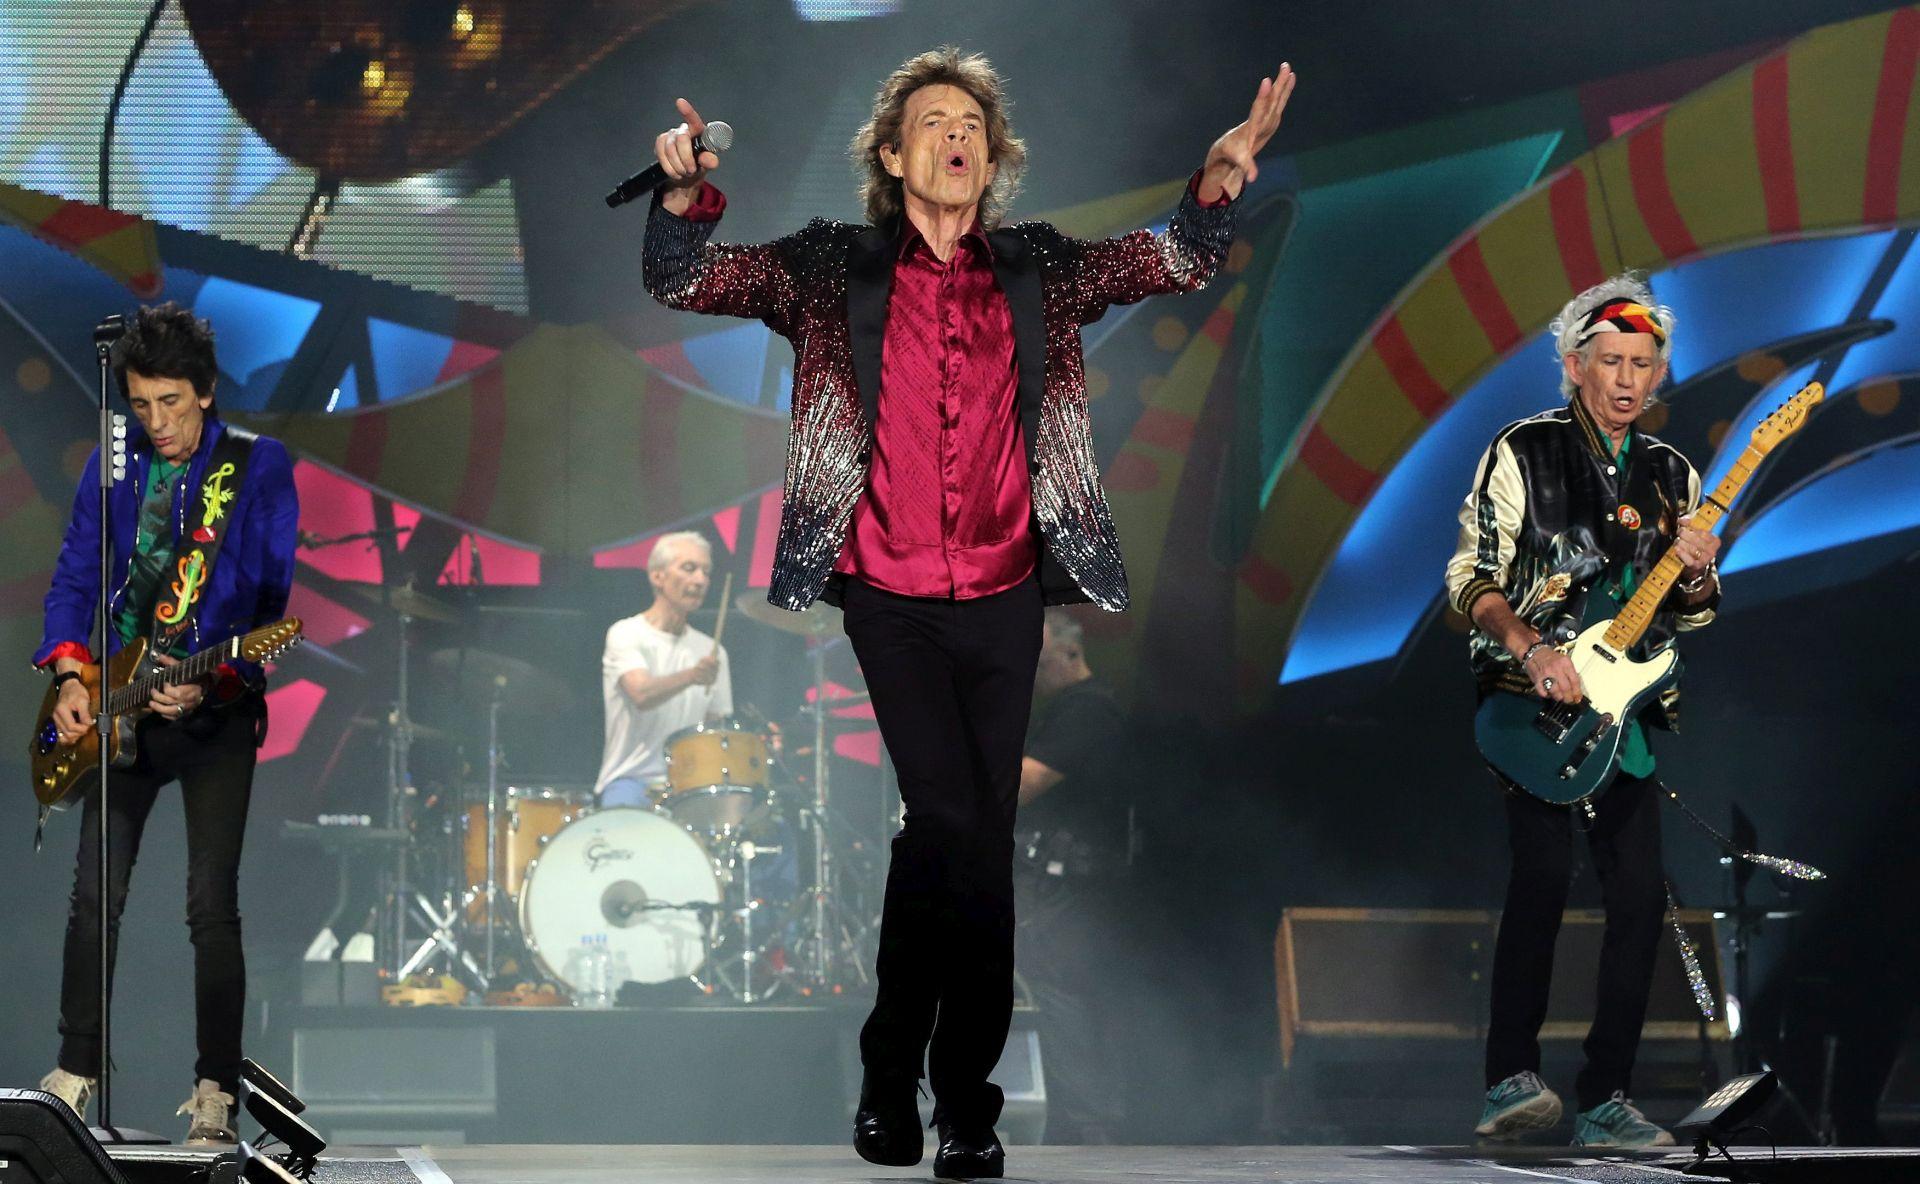 Jagger u prvom intervjuu: Osjećam se dosta dobro